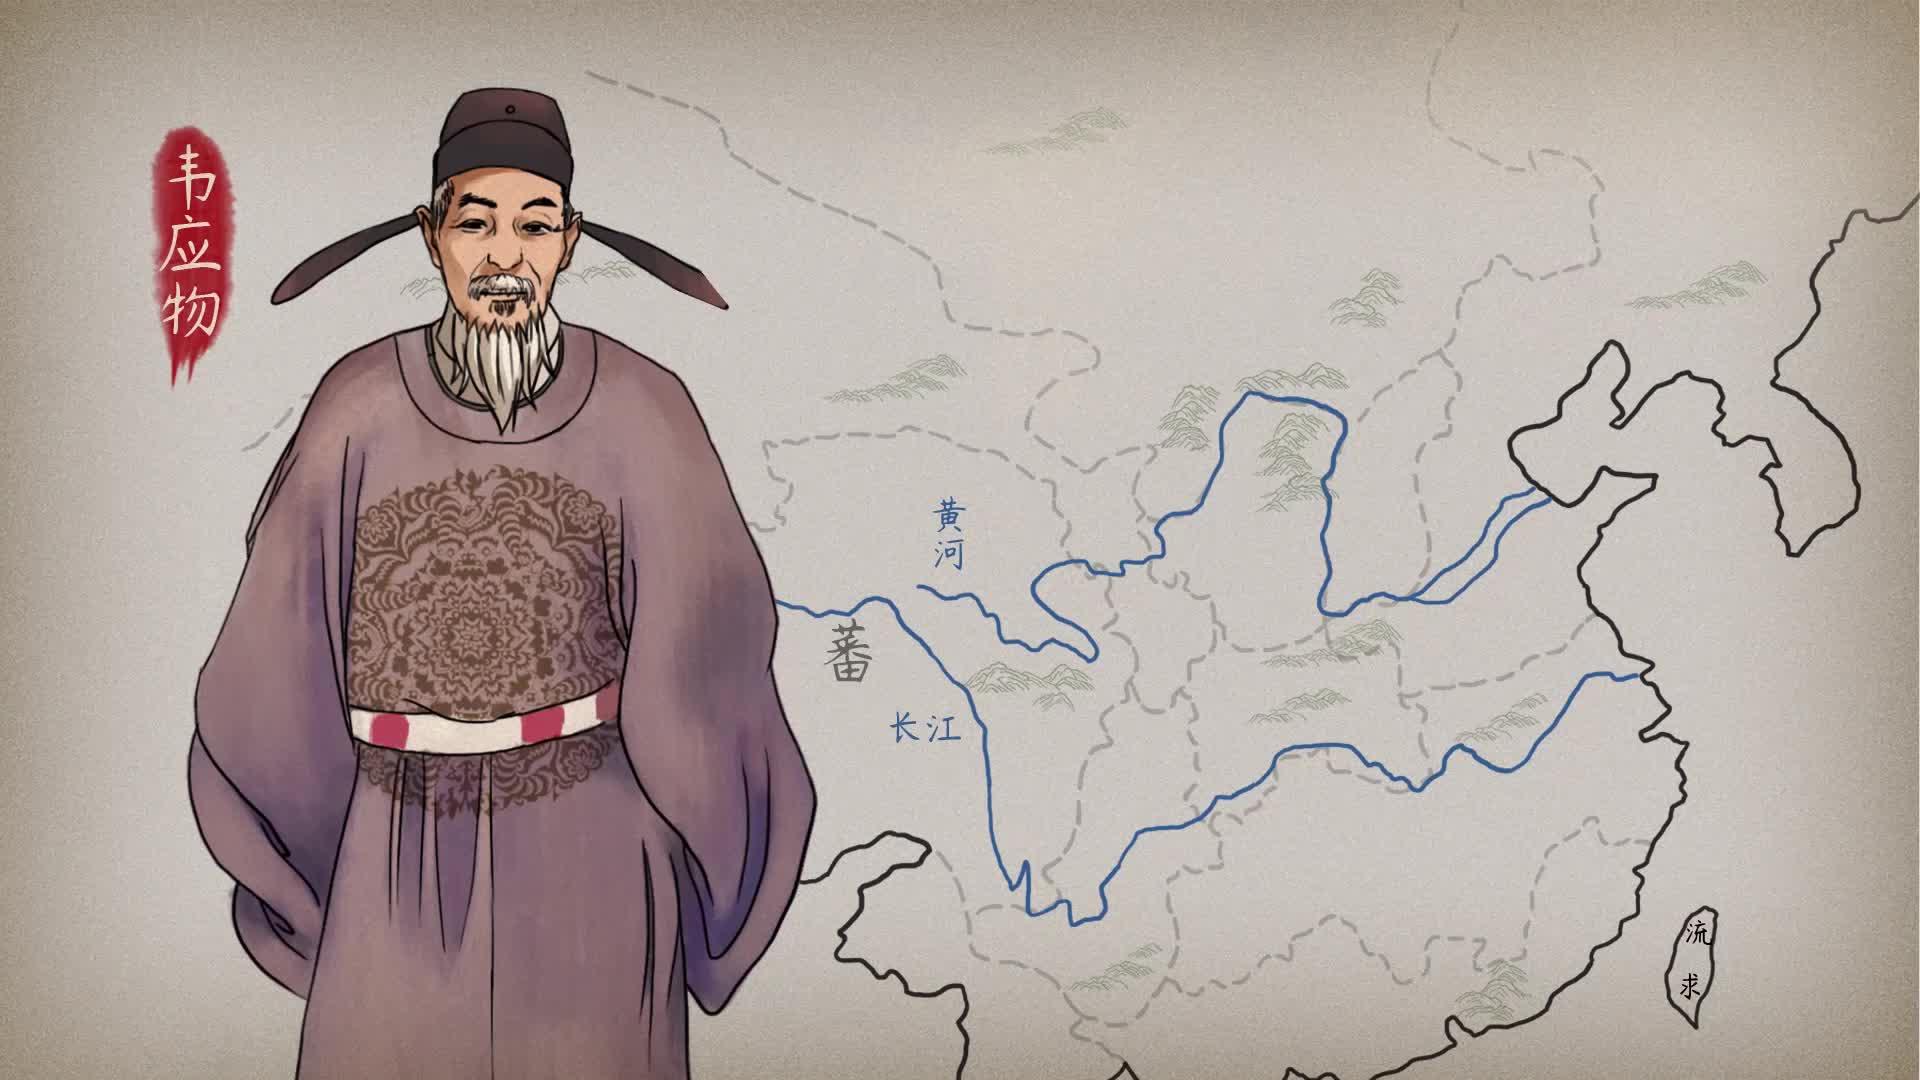 《小学古诗》38滁州西涧-唐 韦应物